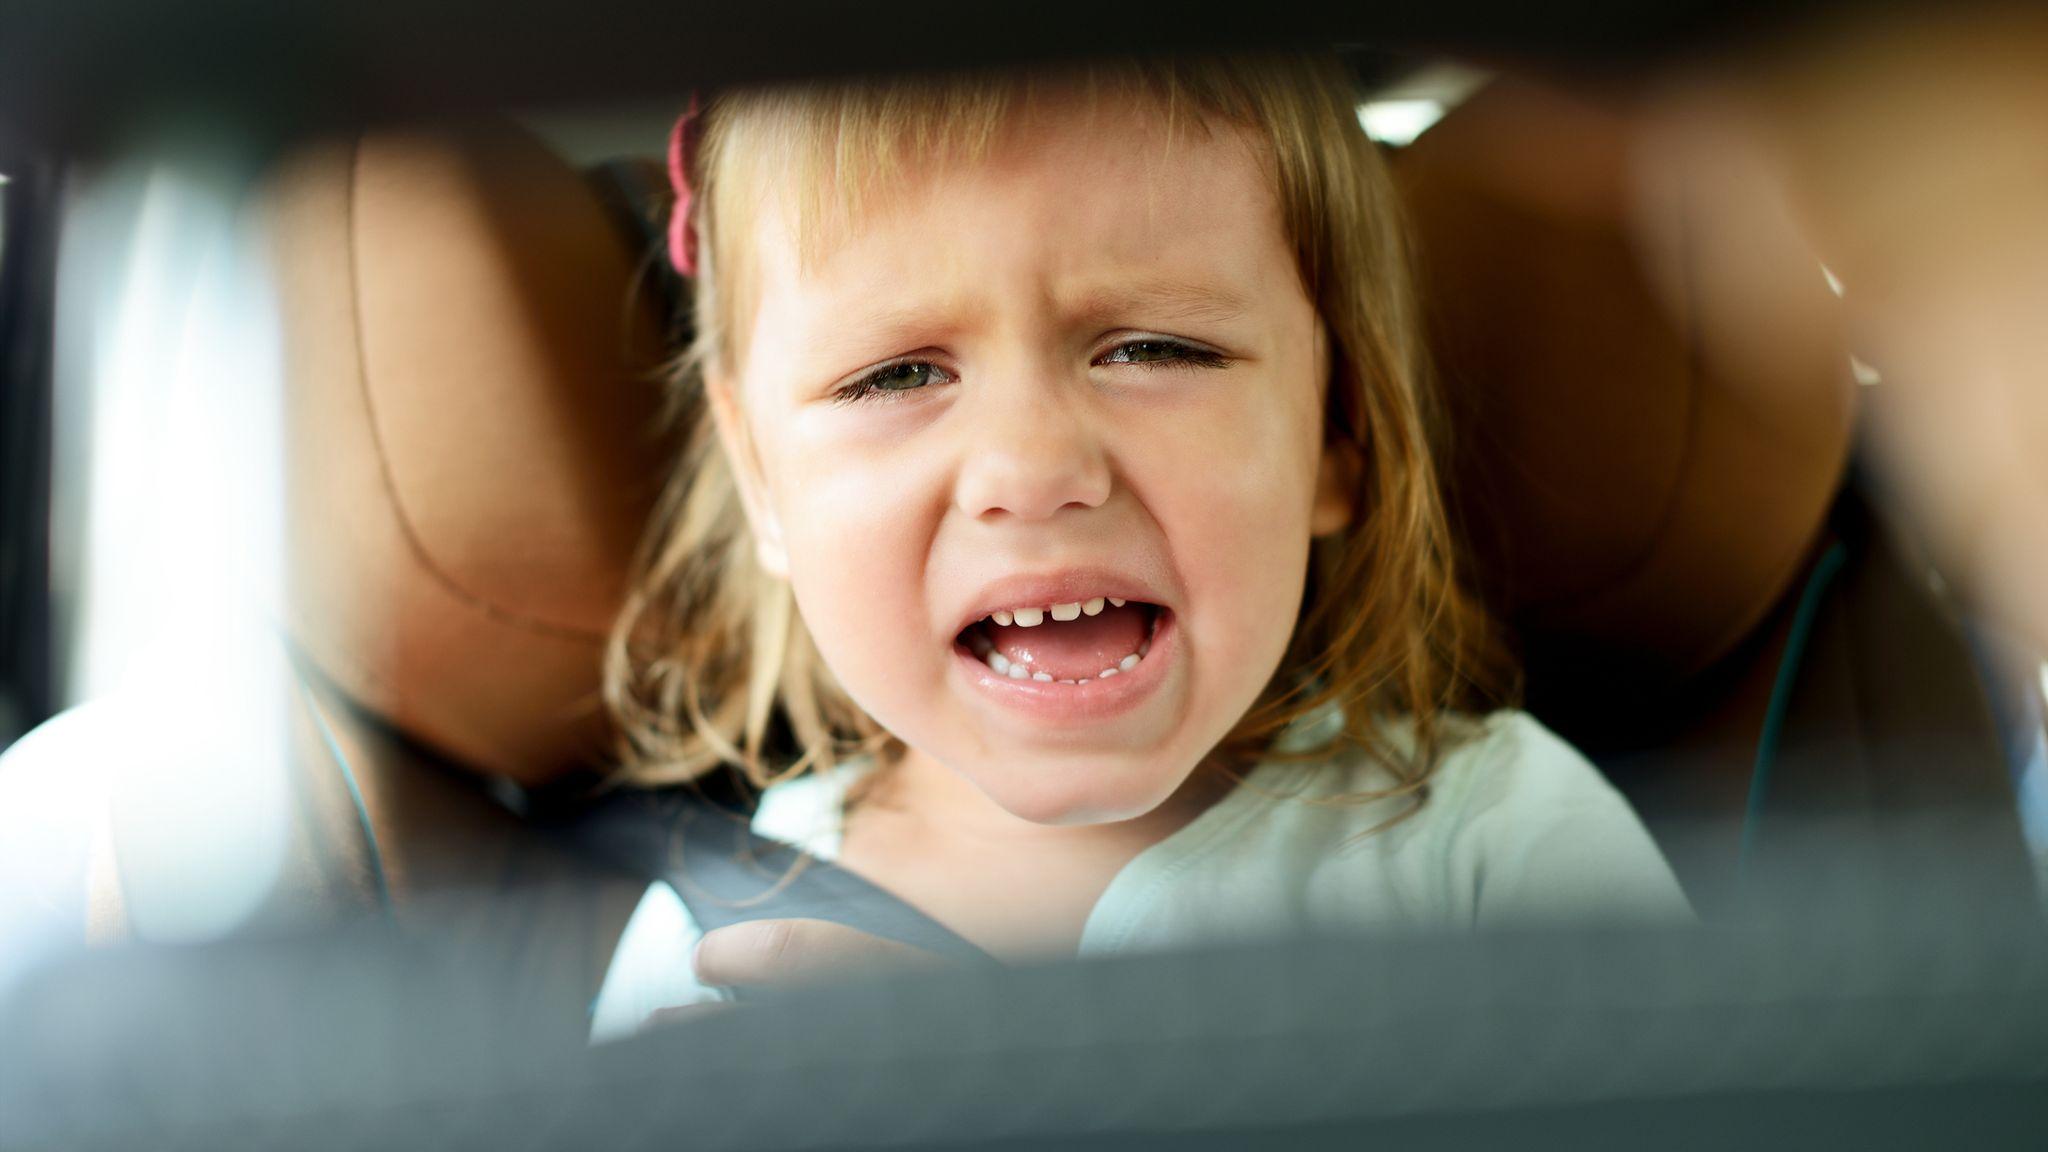 cc75fa9a PRØV Å FORSTÅ: Gi barnet følelsen av å bli hørt og forstått når det er i  trassalderen, råder ekspertene. Shutterstock / NTB scanpix